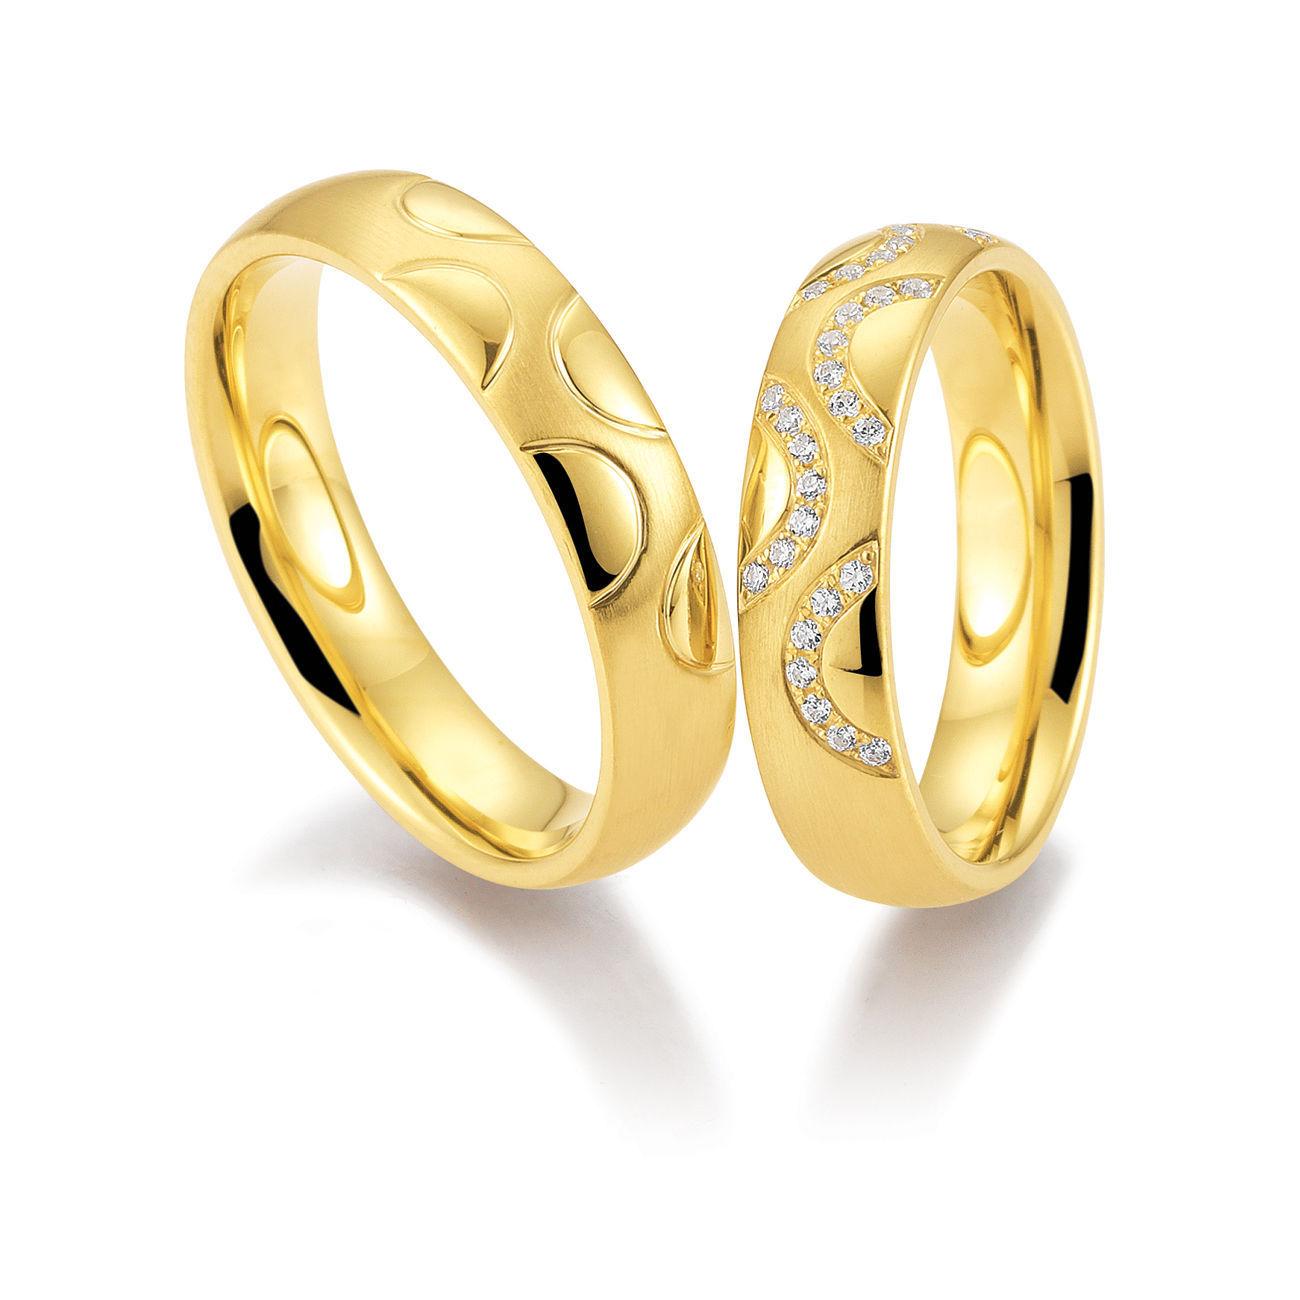 Обручальные кольца с бриллиантами в 2019